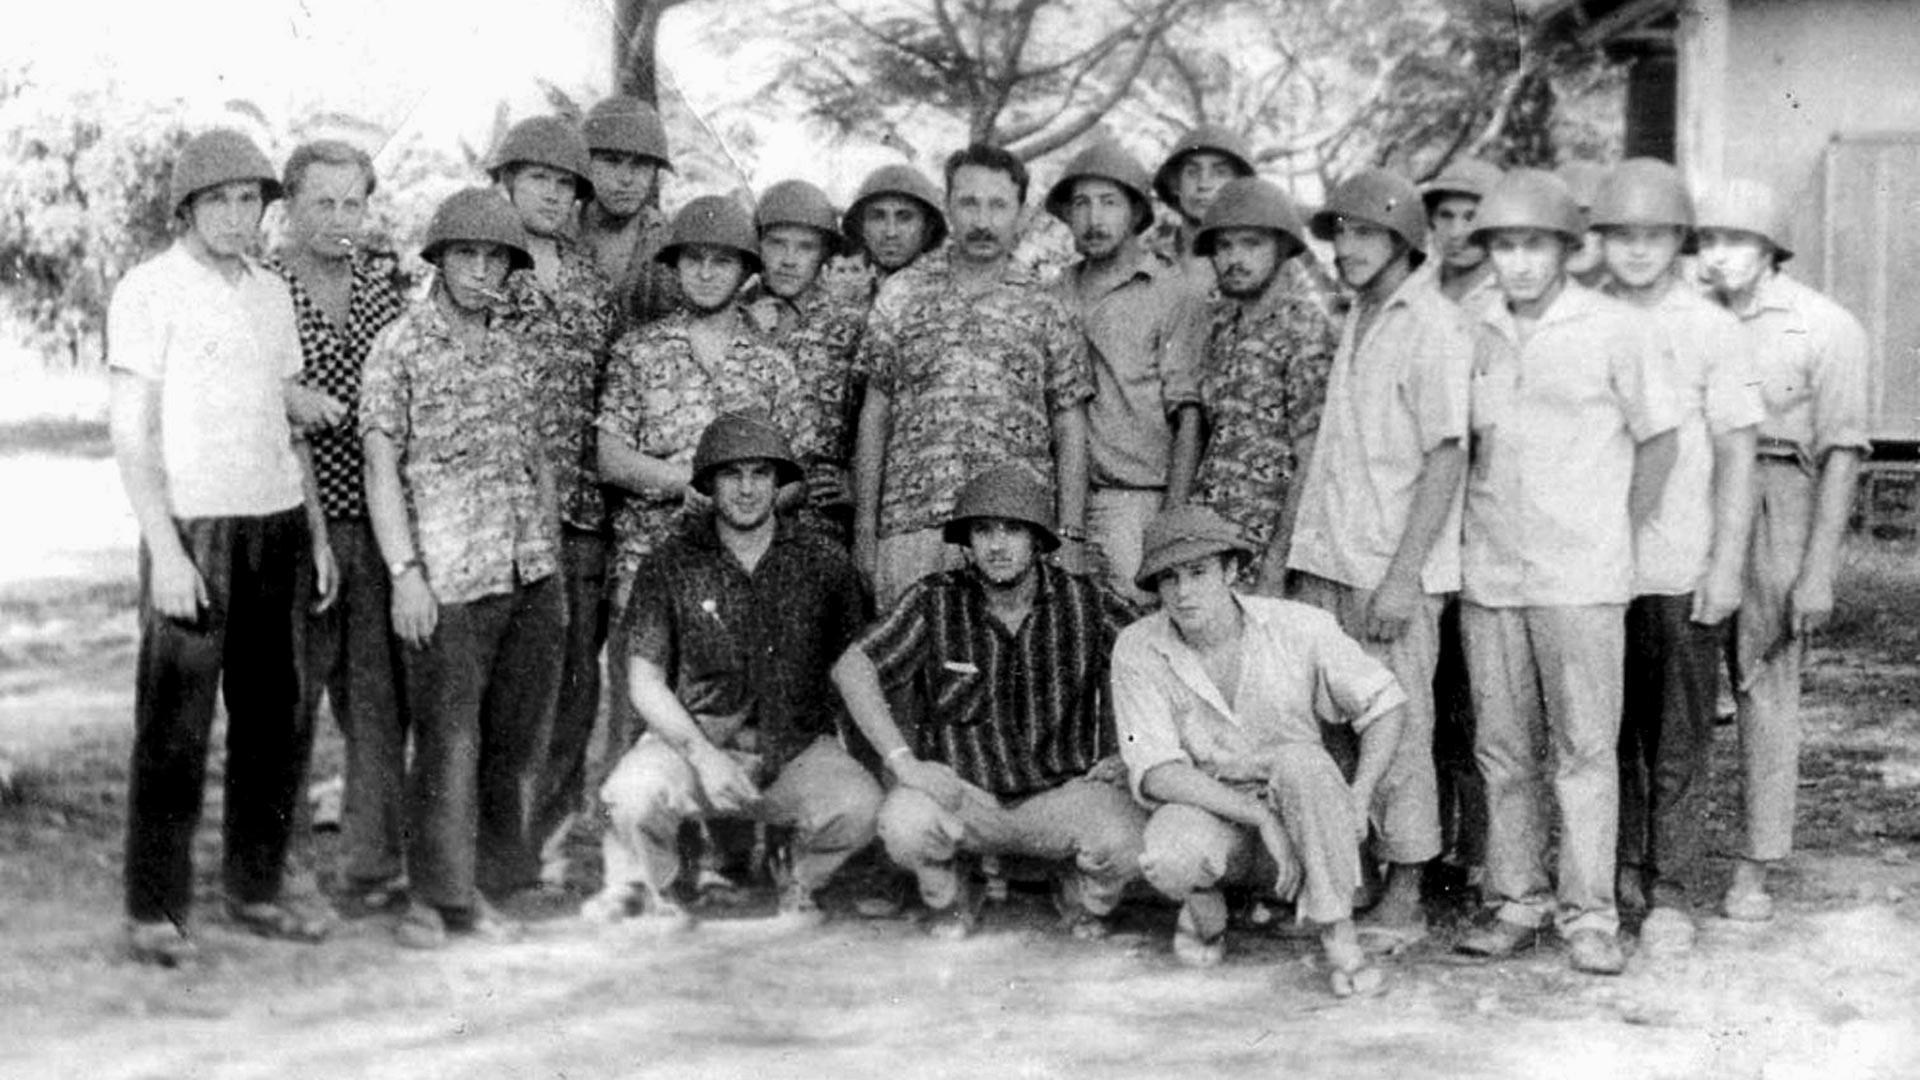 Дивизион майора Бориса Можаева перед маршем на первое боевое задание, 1965 г.